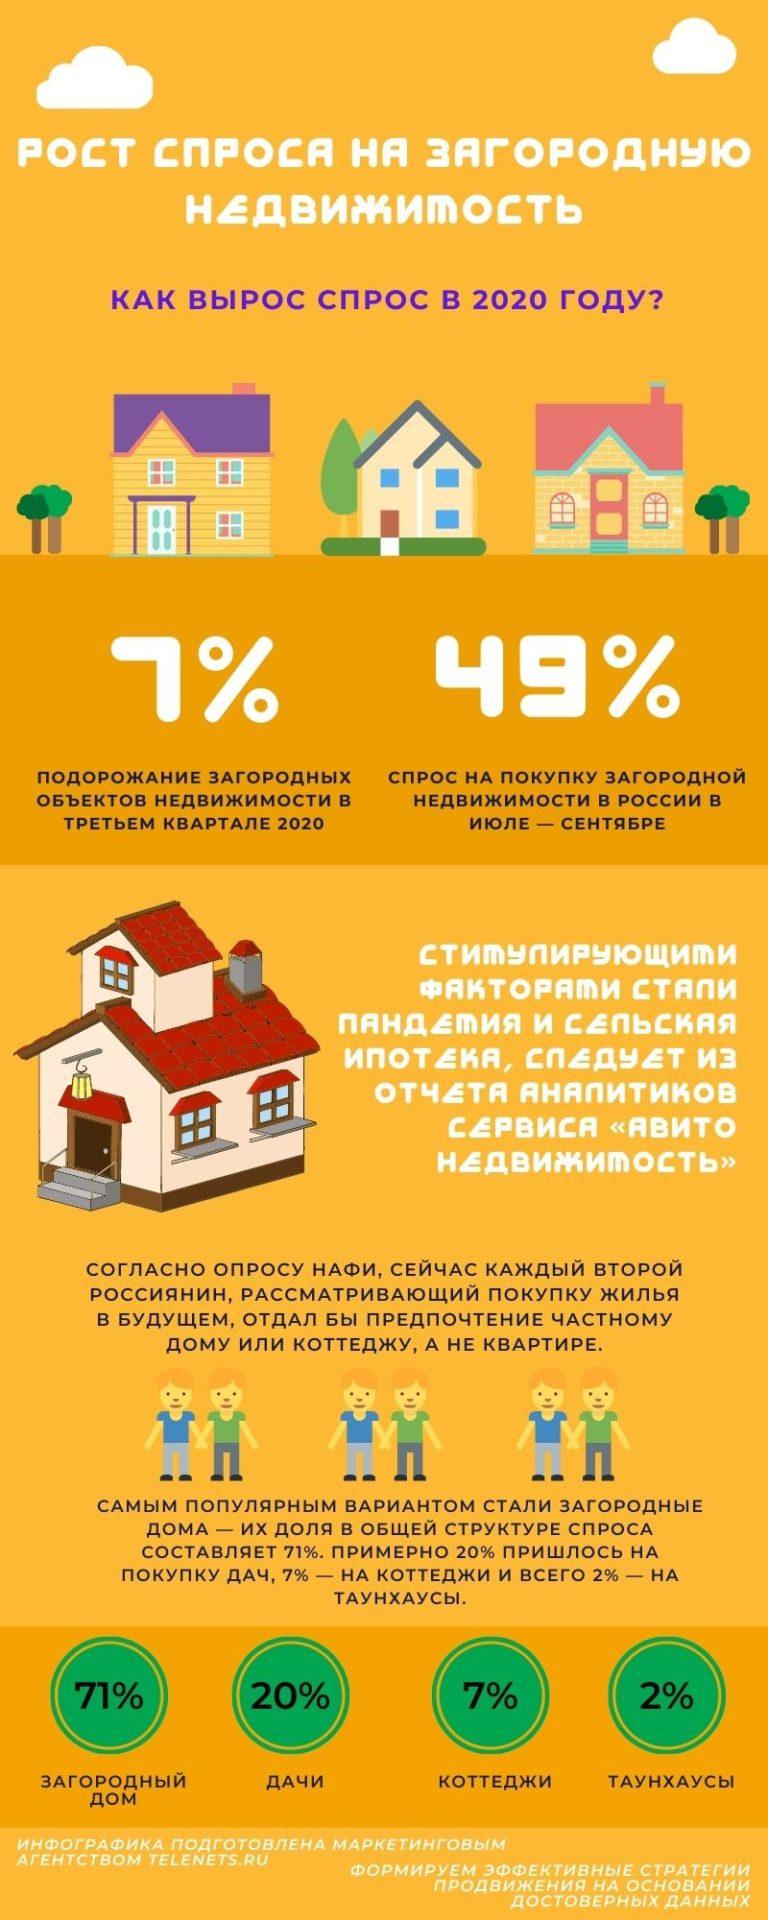 спрос на загородную недвижимость в 2020 инфографика